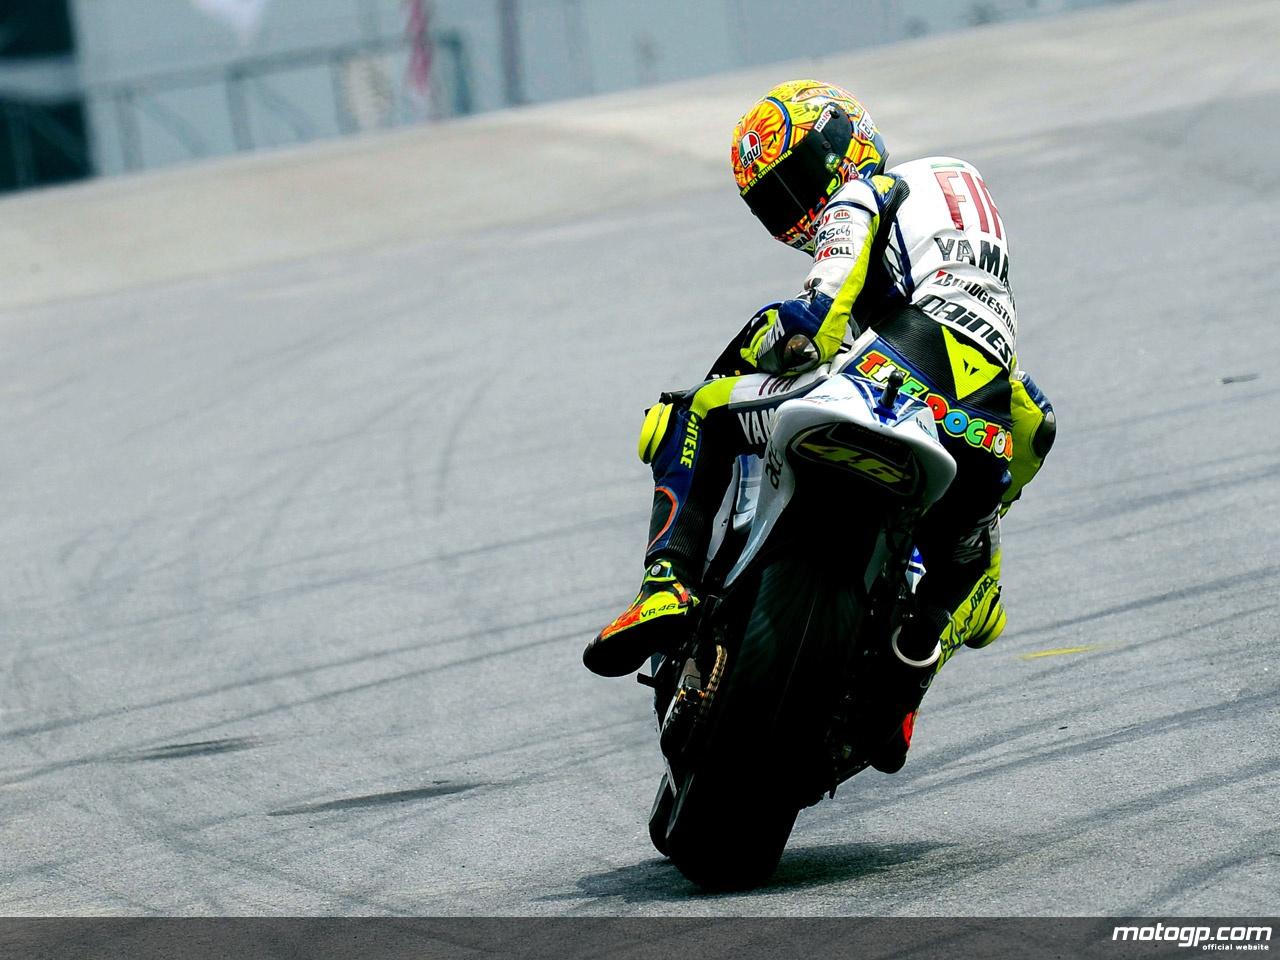 Valentino Rossi Valentino 1280x960